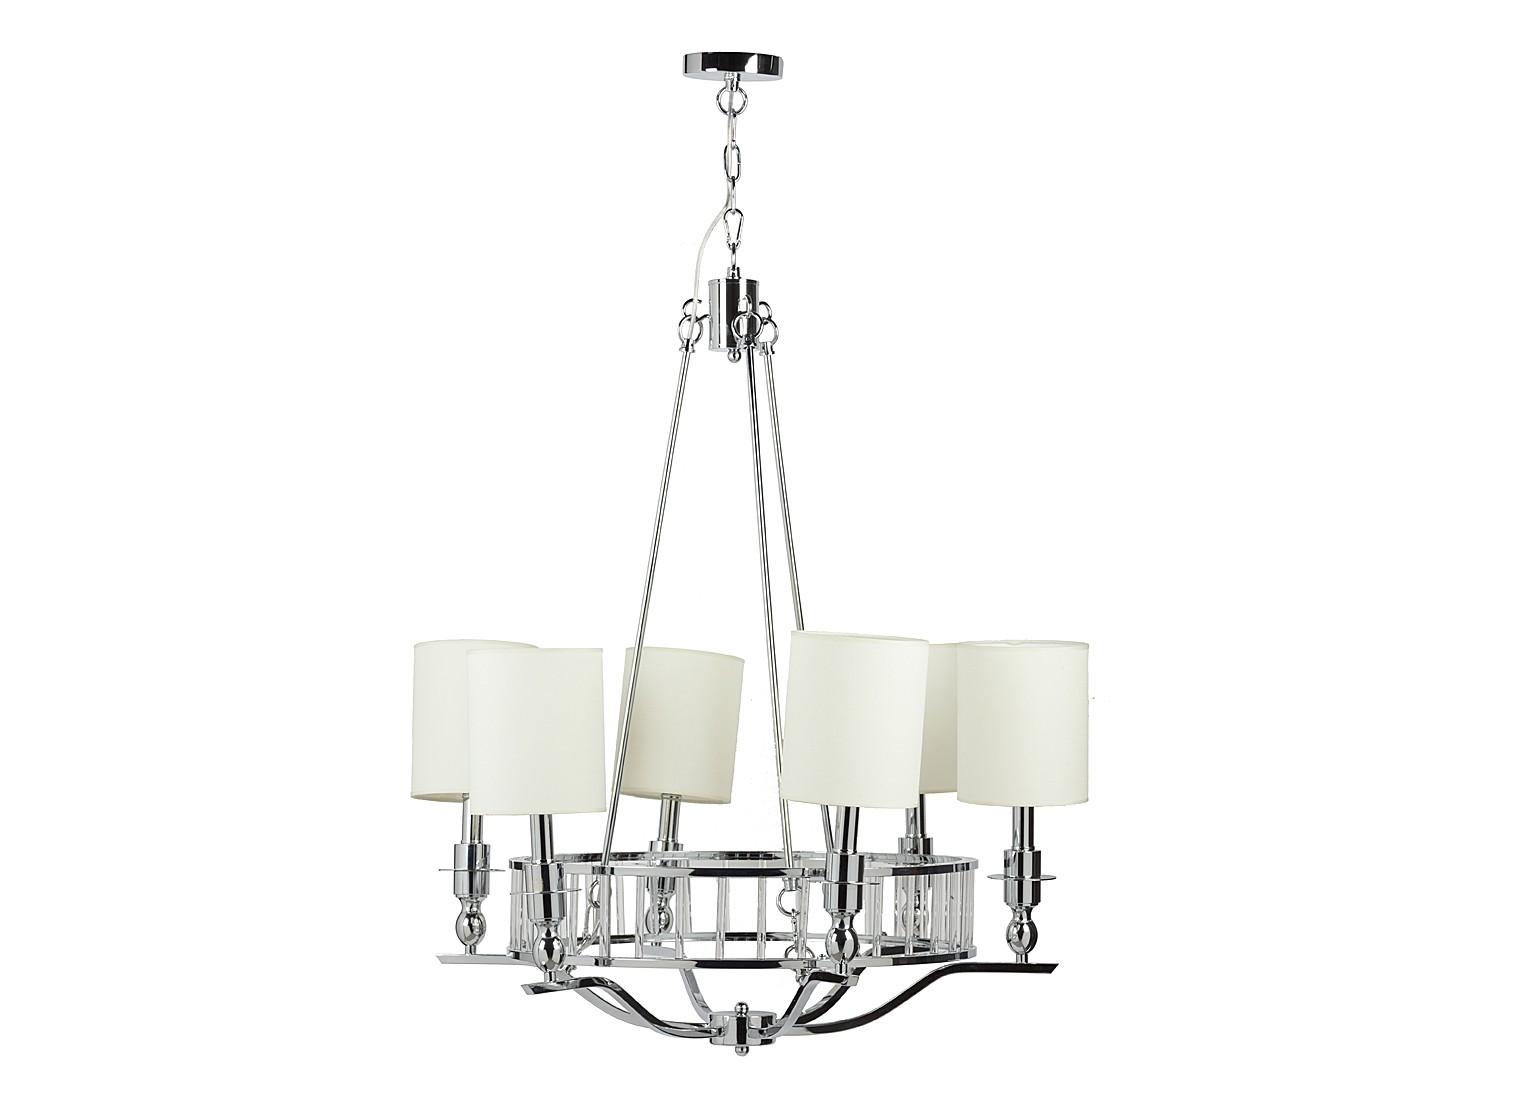 Люстра Easton Light ChandelierЦвет бежевый, стальное основание, тканевый абажур, предназначена для использования со светодиодными лампами, лампами не комплектуется.&amp;lt;br&amp;gt;&amp;lt;br&amp;gt;Вид цоколя: E14&amp;lt;br&amp;gt;Мощность ламп: 40 W&amp;lt;br&amp;gt;Количество ламп: 6<br><br>Material: Металл<br>Height см: 80<br>Diameter см: 70